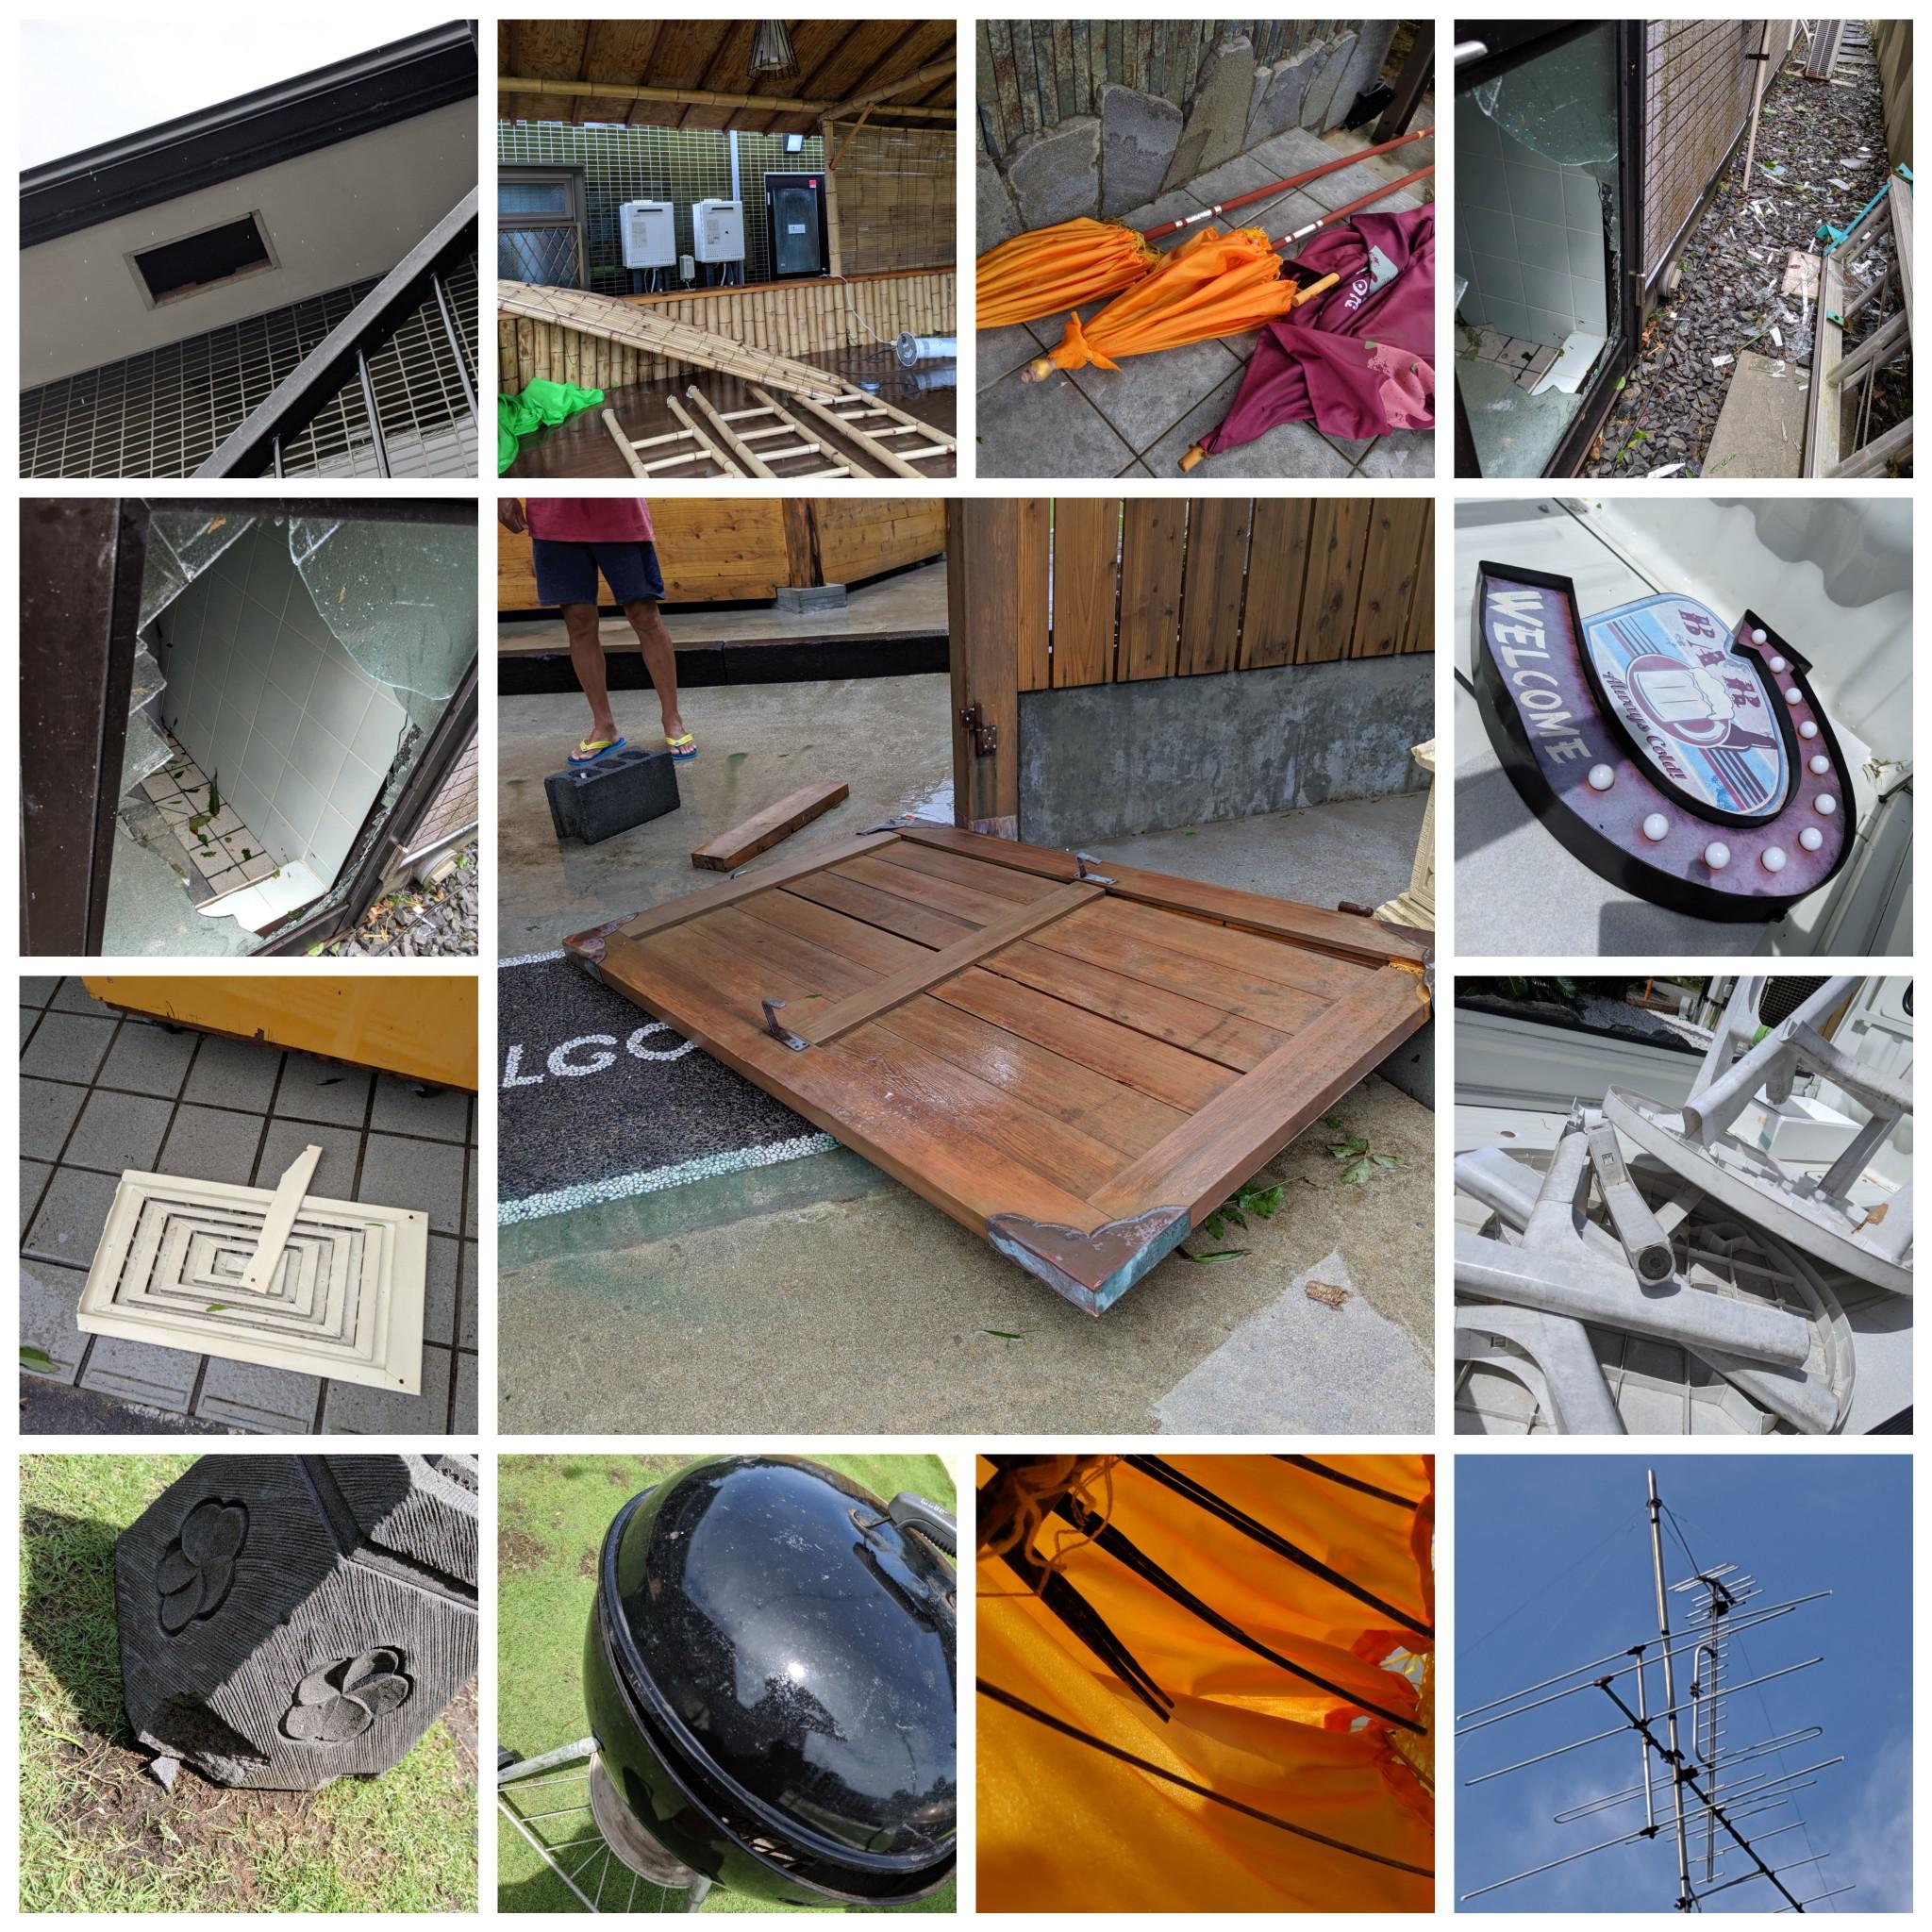 台風による復旧作業の報告